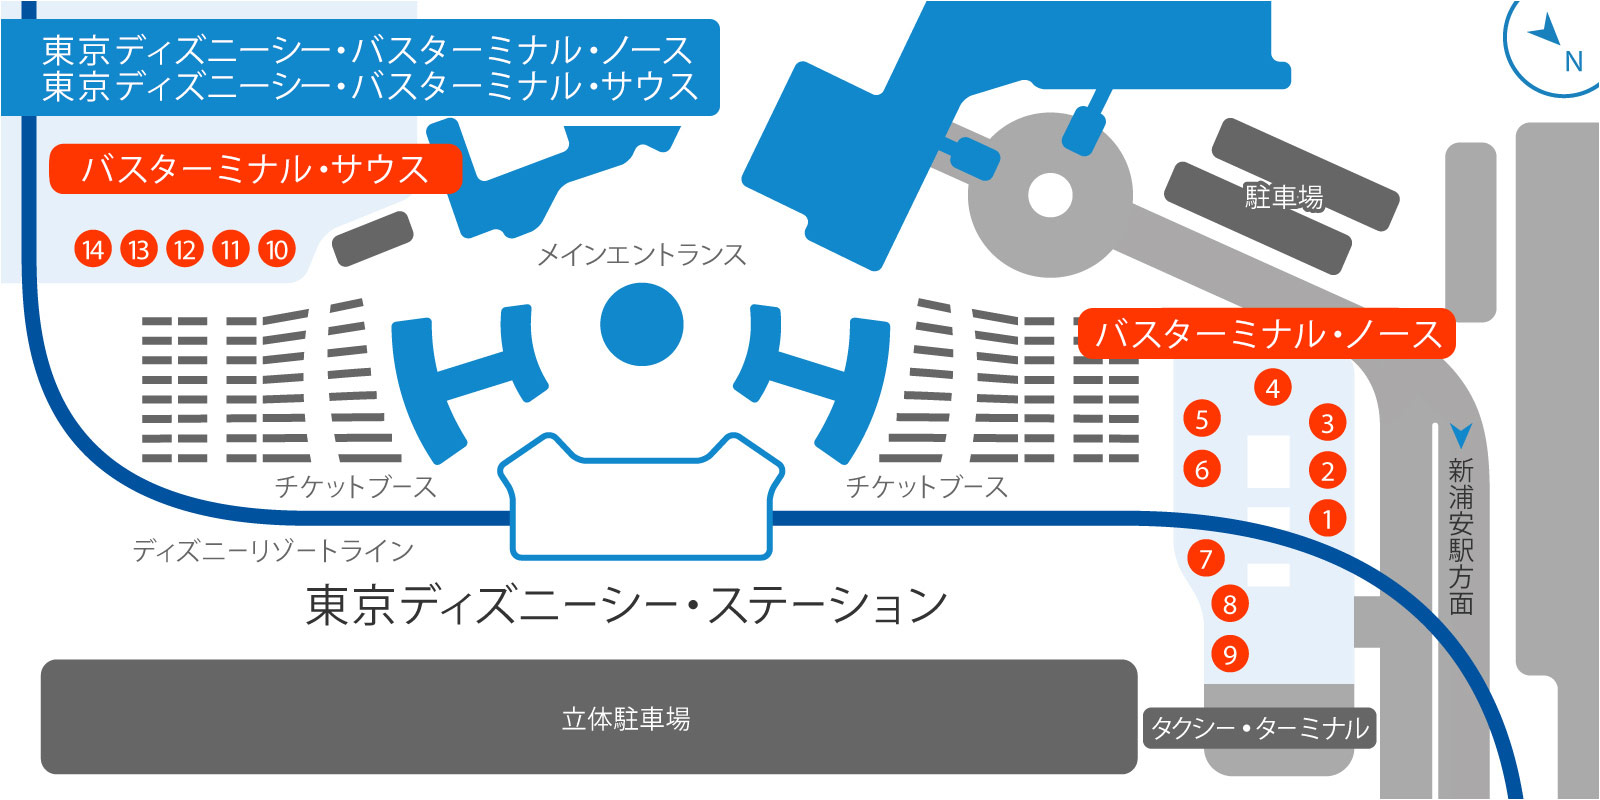 東京ディズニーシー・バス・ターミナルの地図